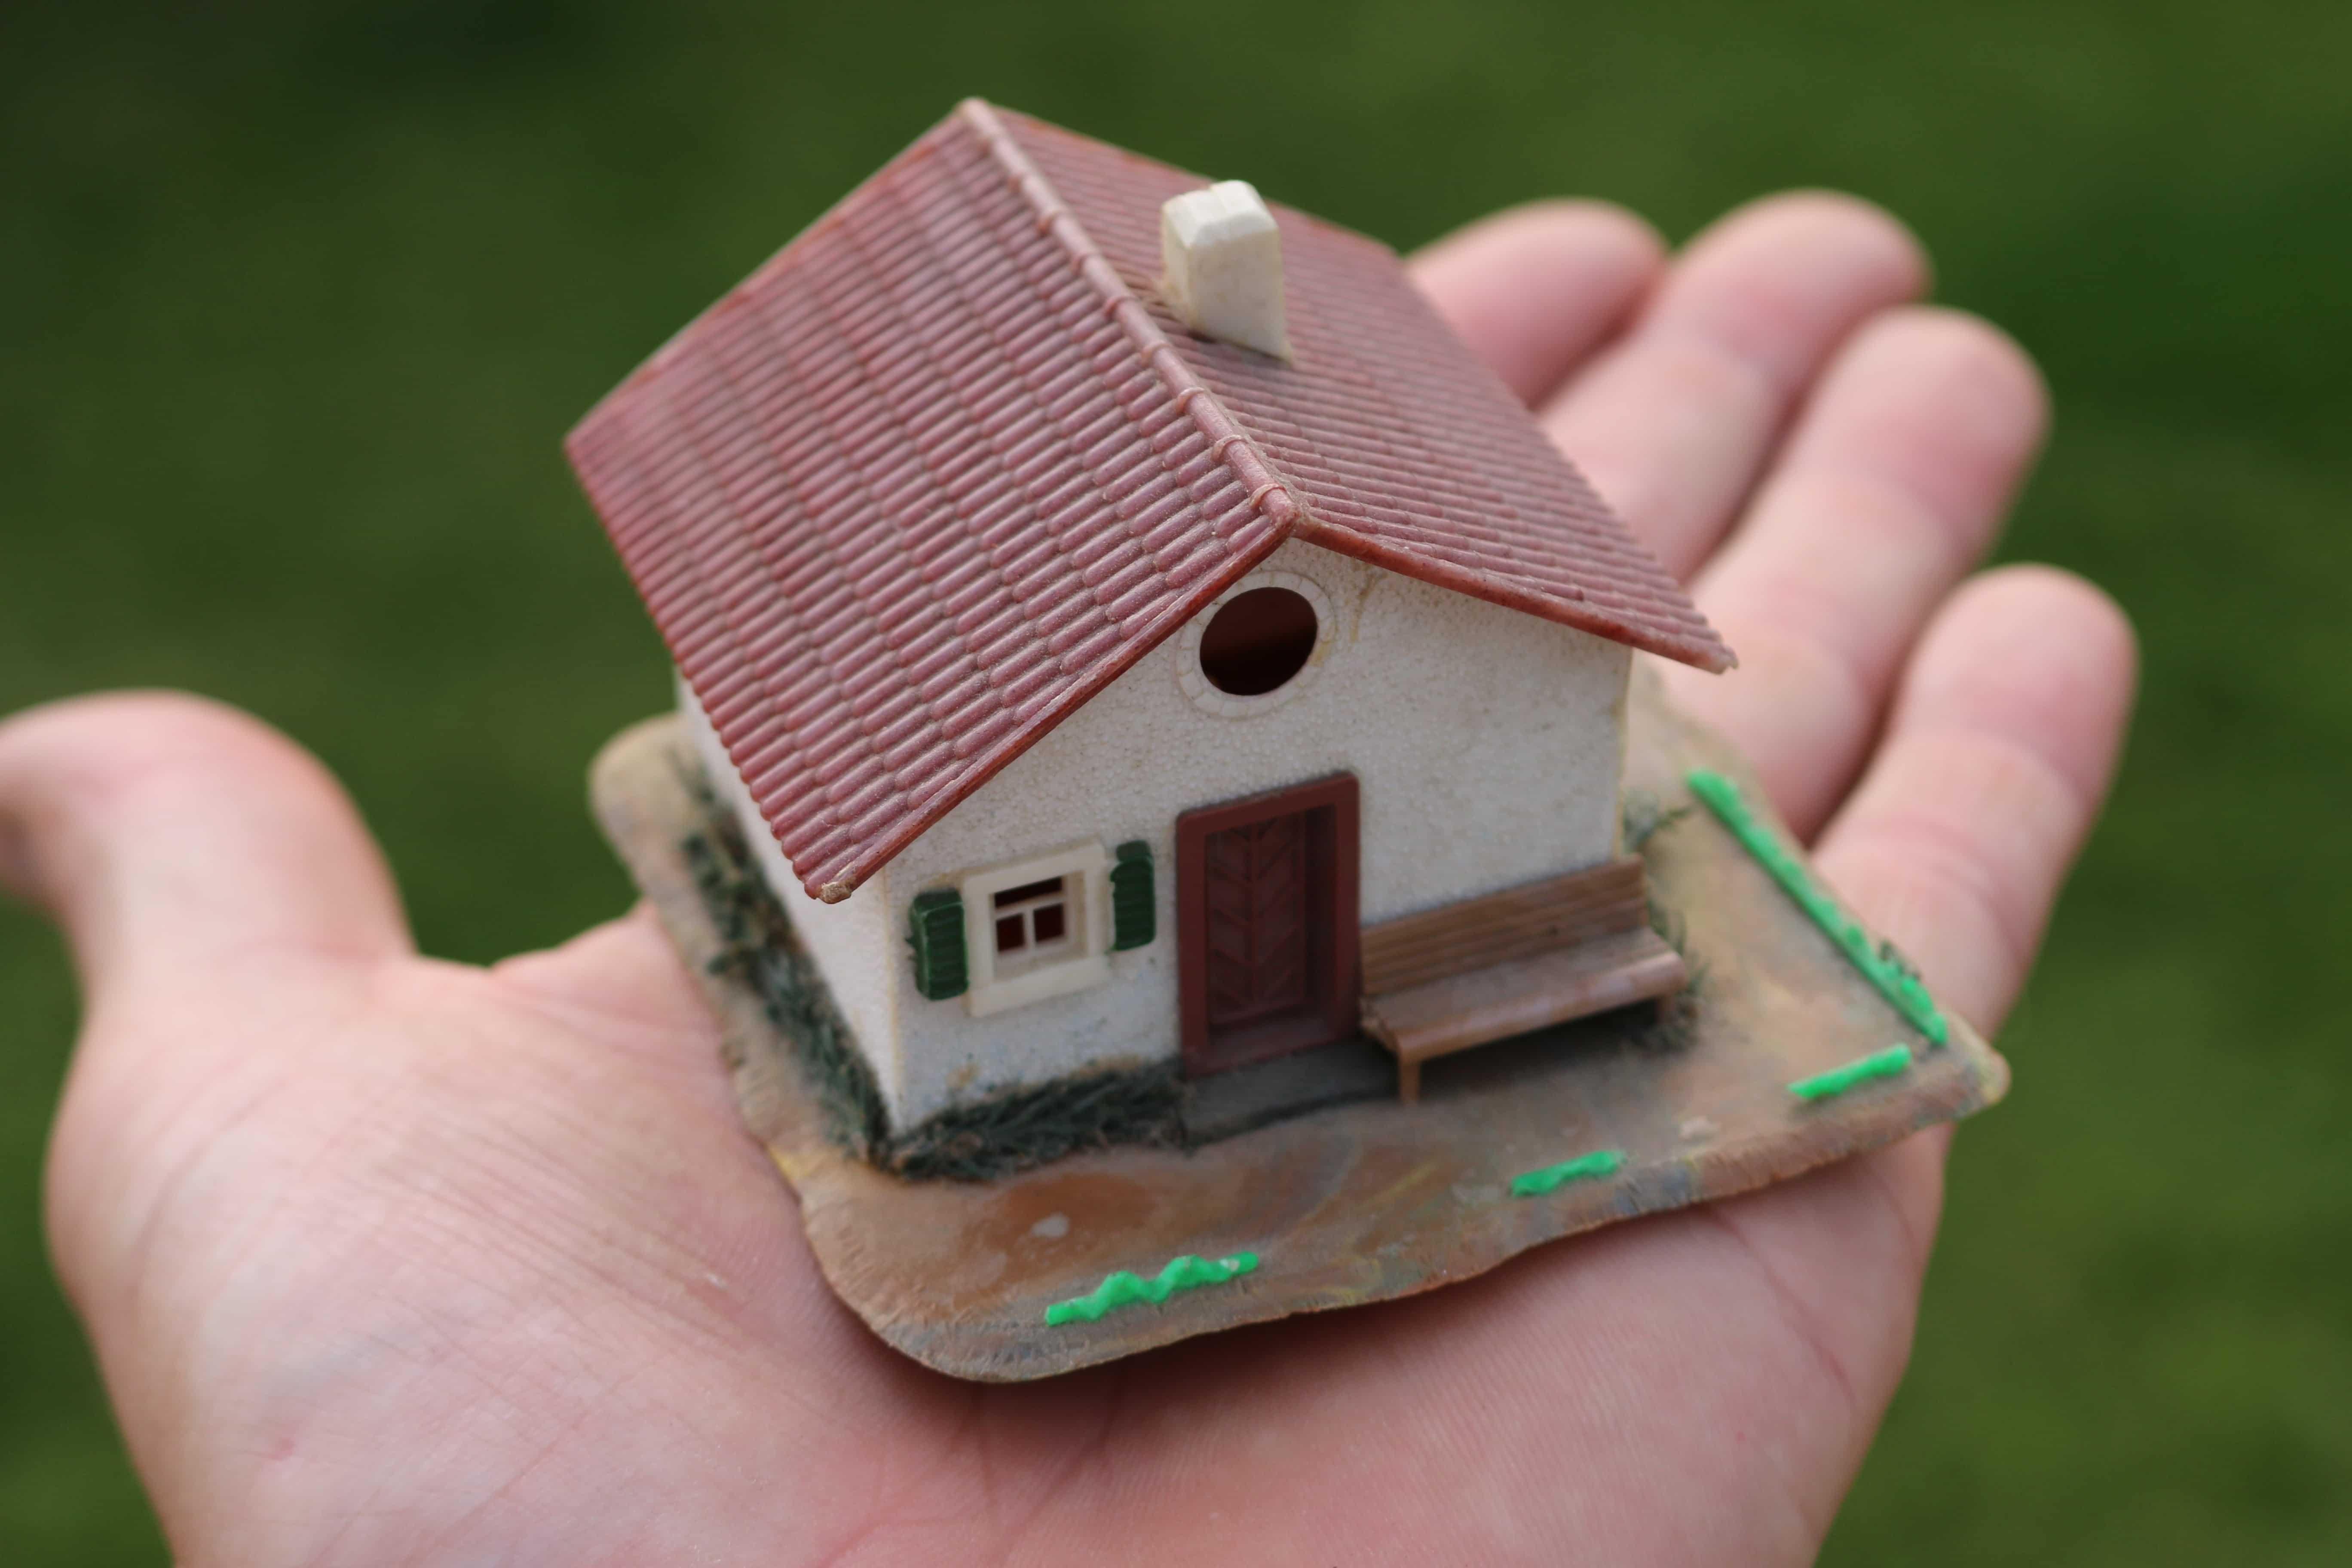 Qualitätskontrolle Haus auf Hand